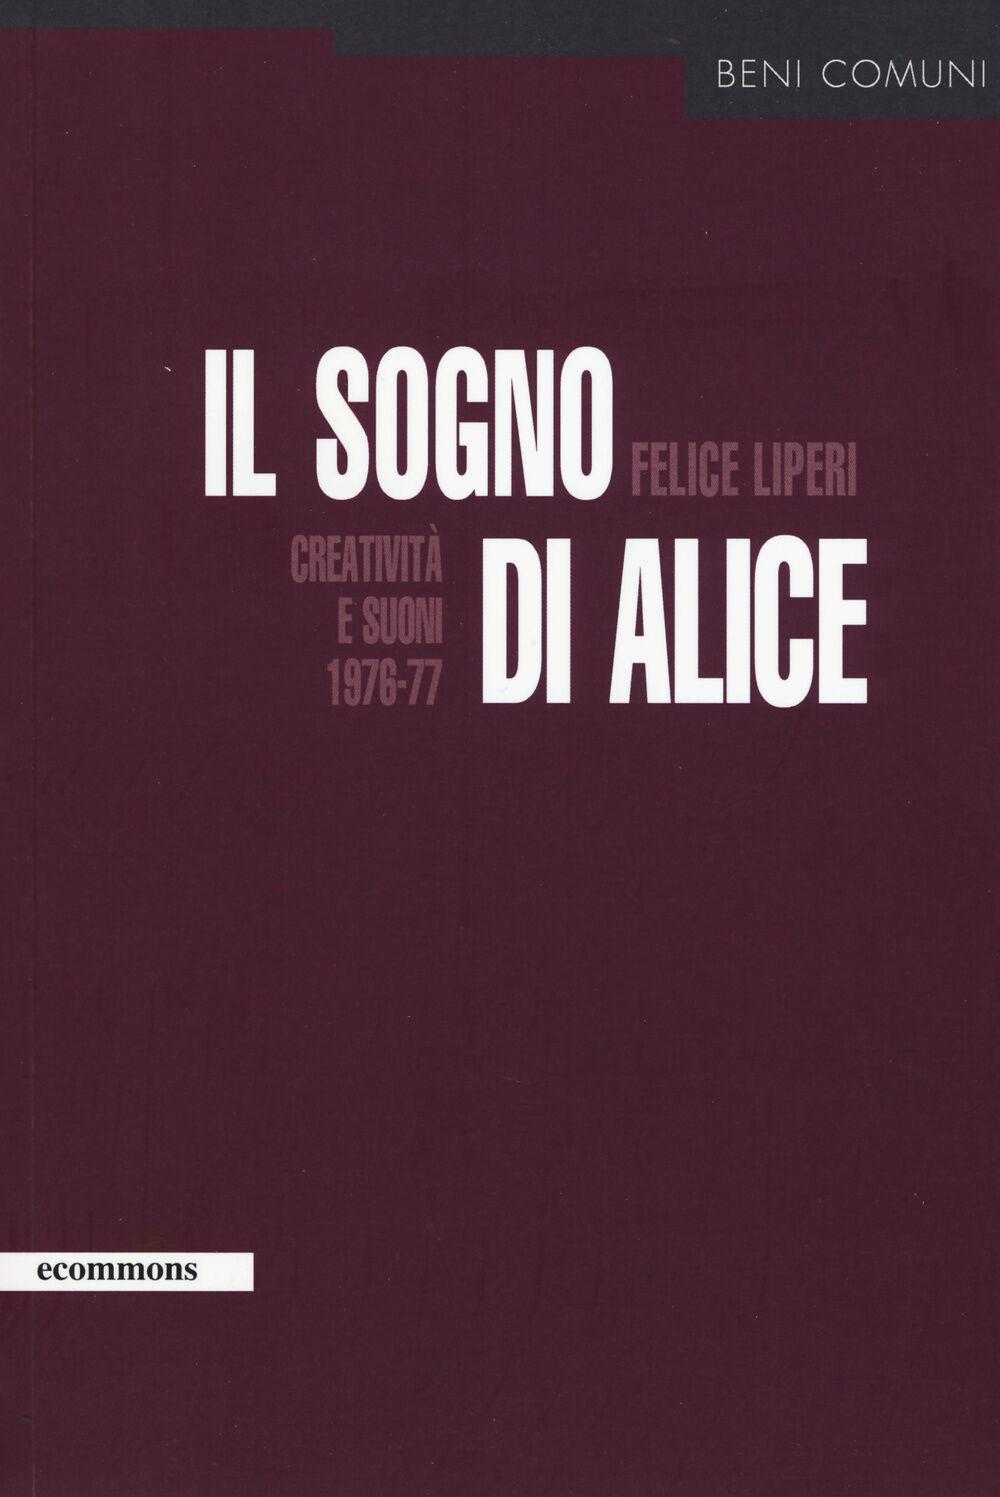 Il sogno di Alice. Creatività e suoni (1976-77)